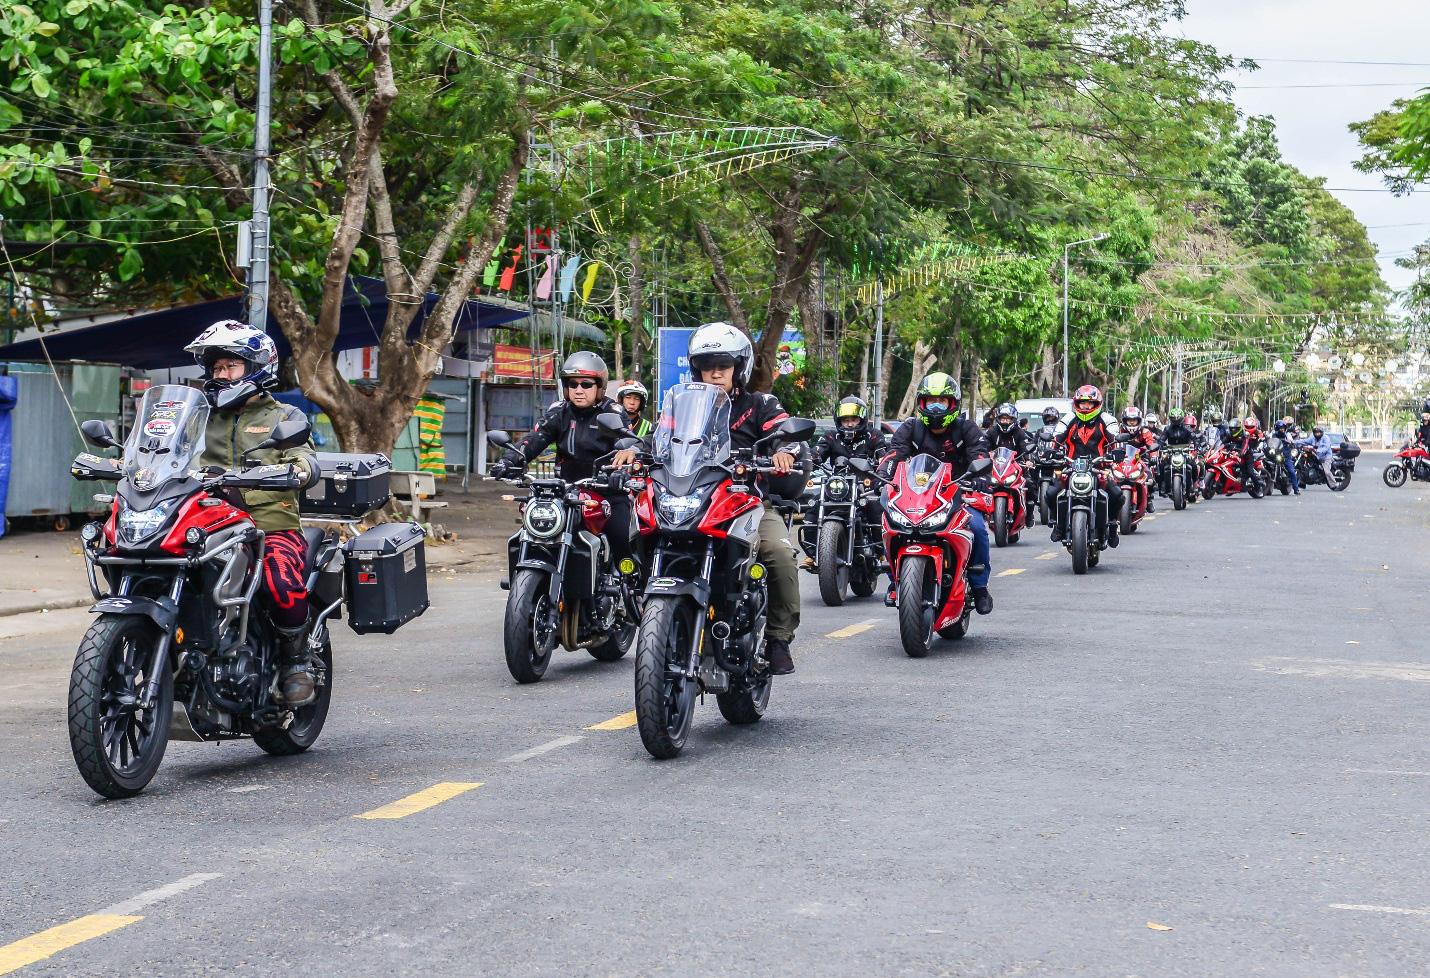 Biker Honda kết thúc hành trình chinh phục cực Nam đầy cảm xúc - Ảnh 2.